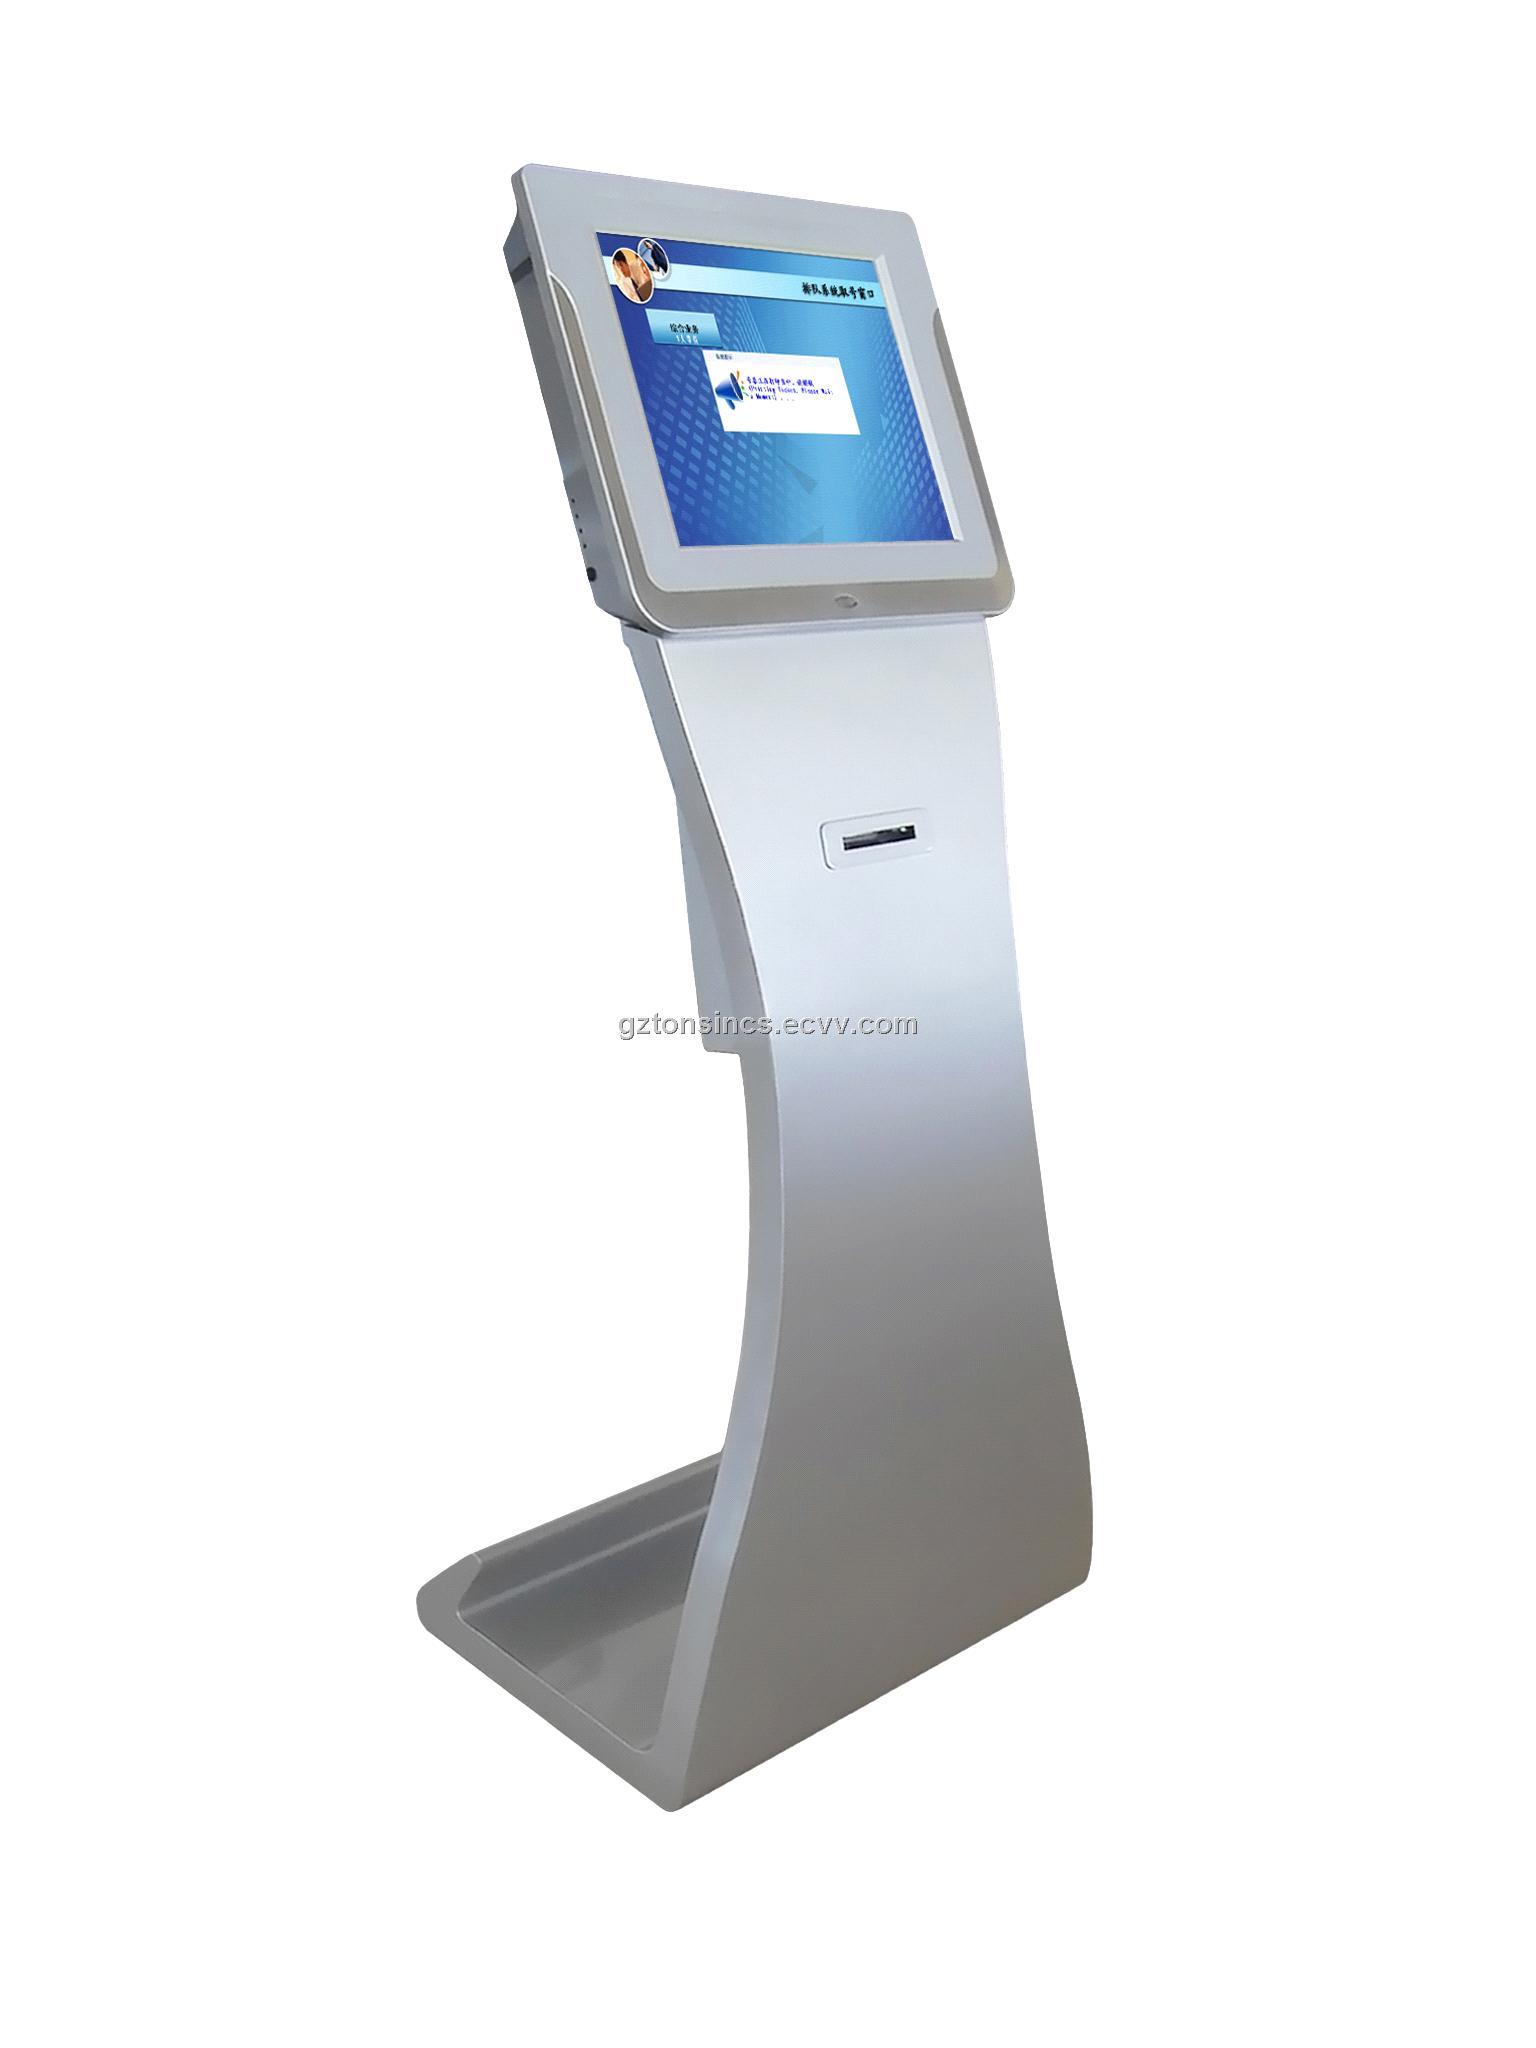 17 quot queue management system touch token ticket kiosk ky115a china queue management system q